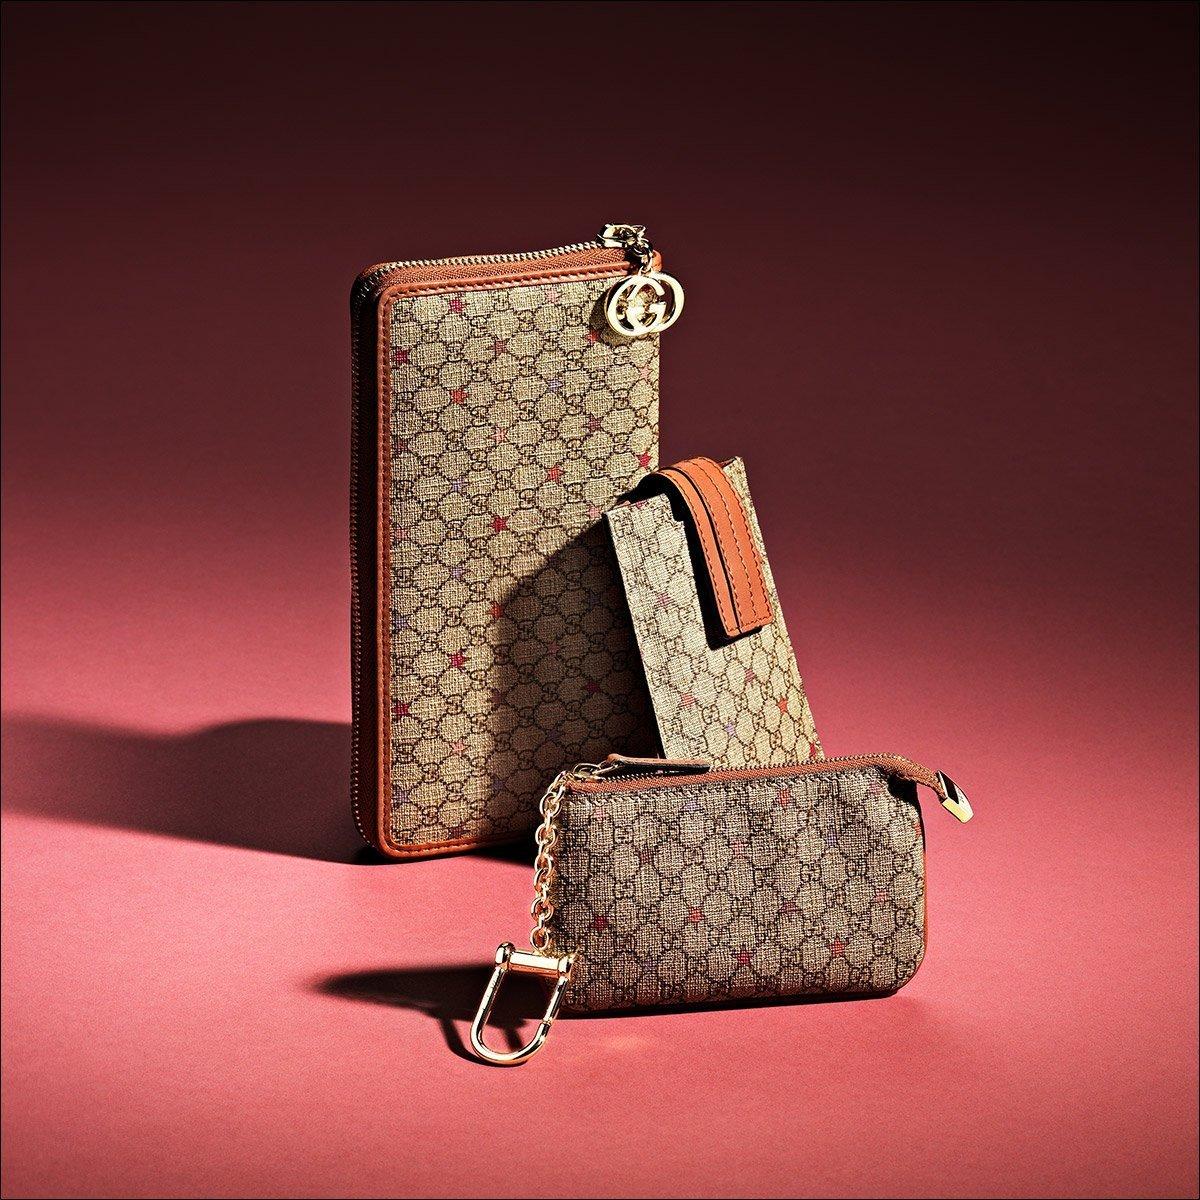 037-fotografo-still-life-fashion-accessories